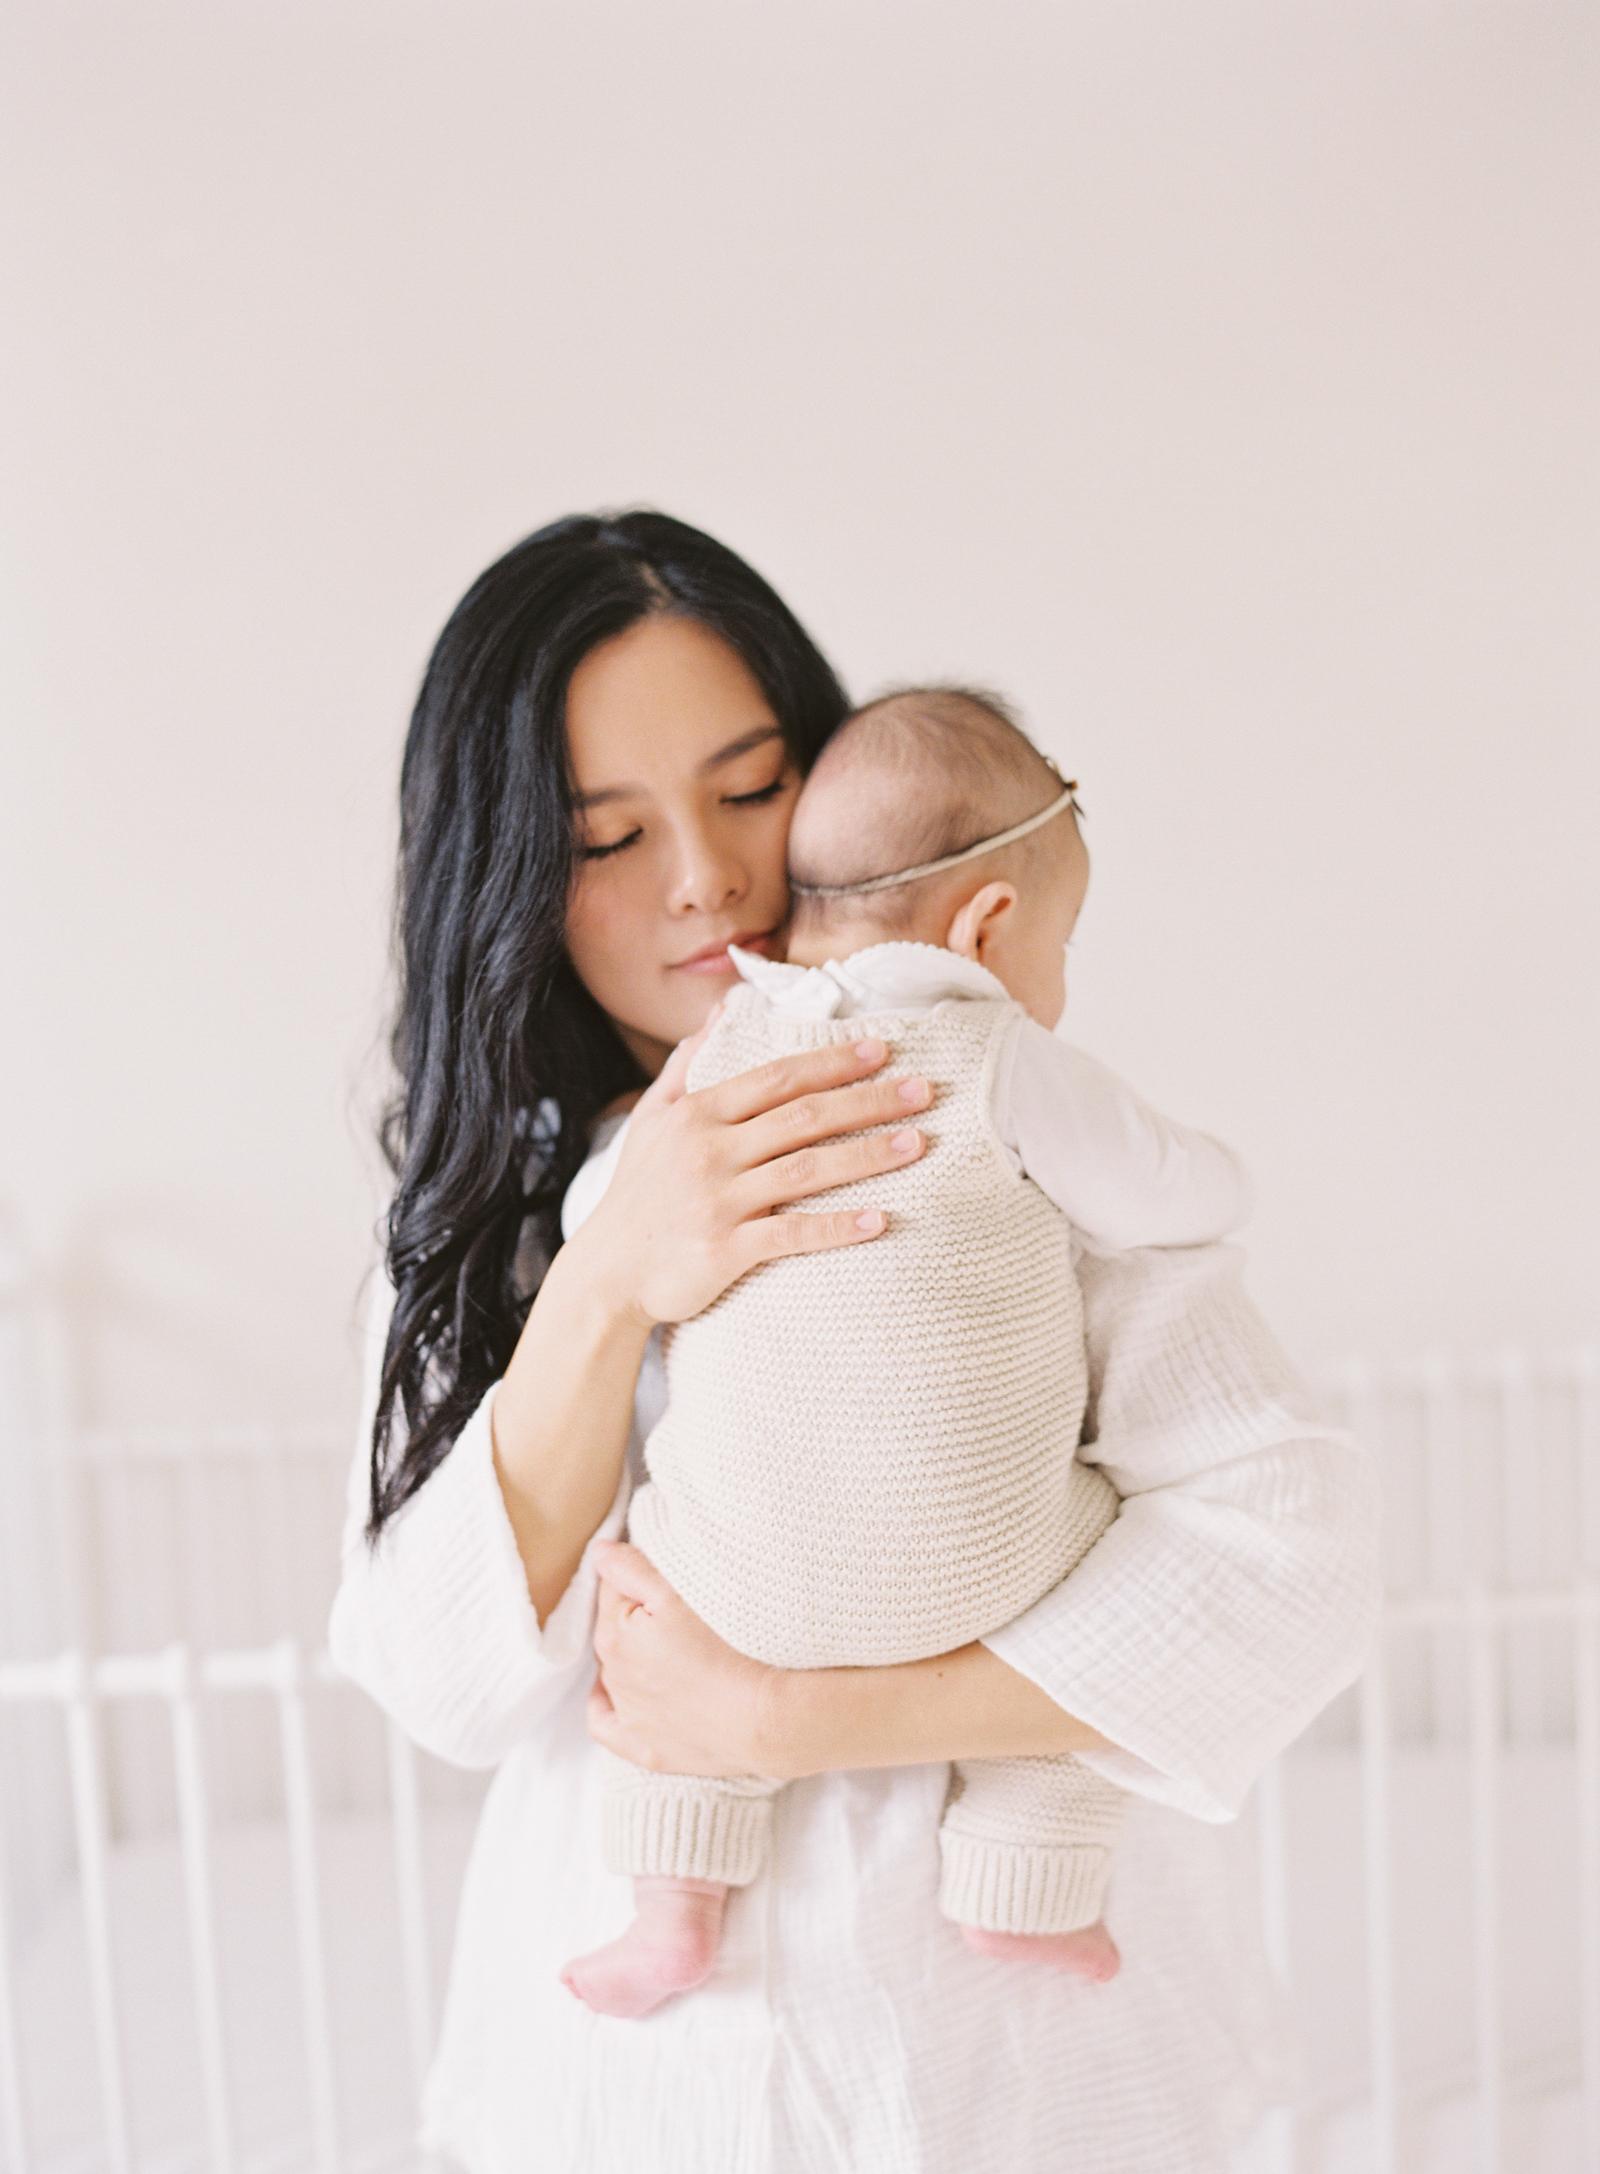 Pasadena_Newborn_Photos-10-Jen_Huang-008851-R1-015.jpg